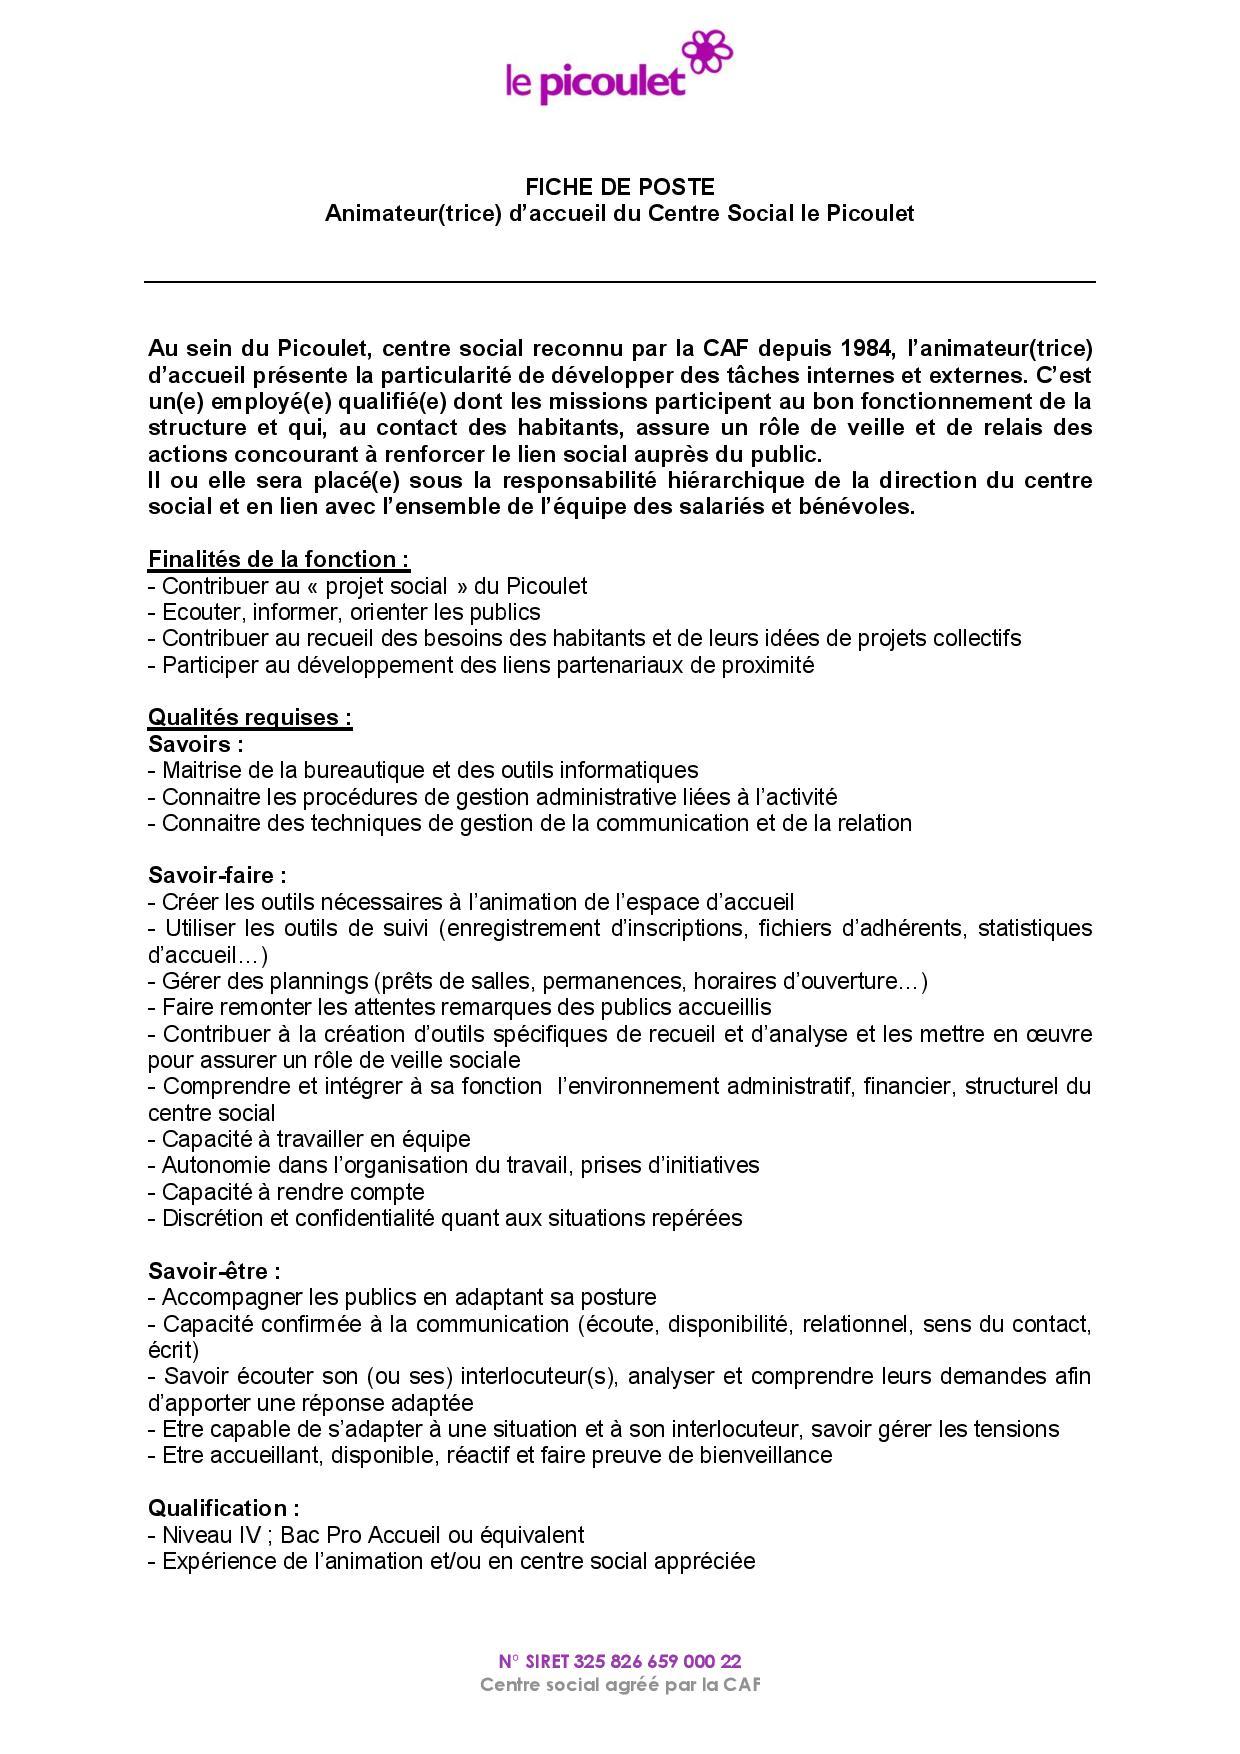 Assez Animateur(trice) d'accueil du Centre Social le Picoulet DU07